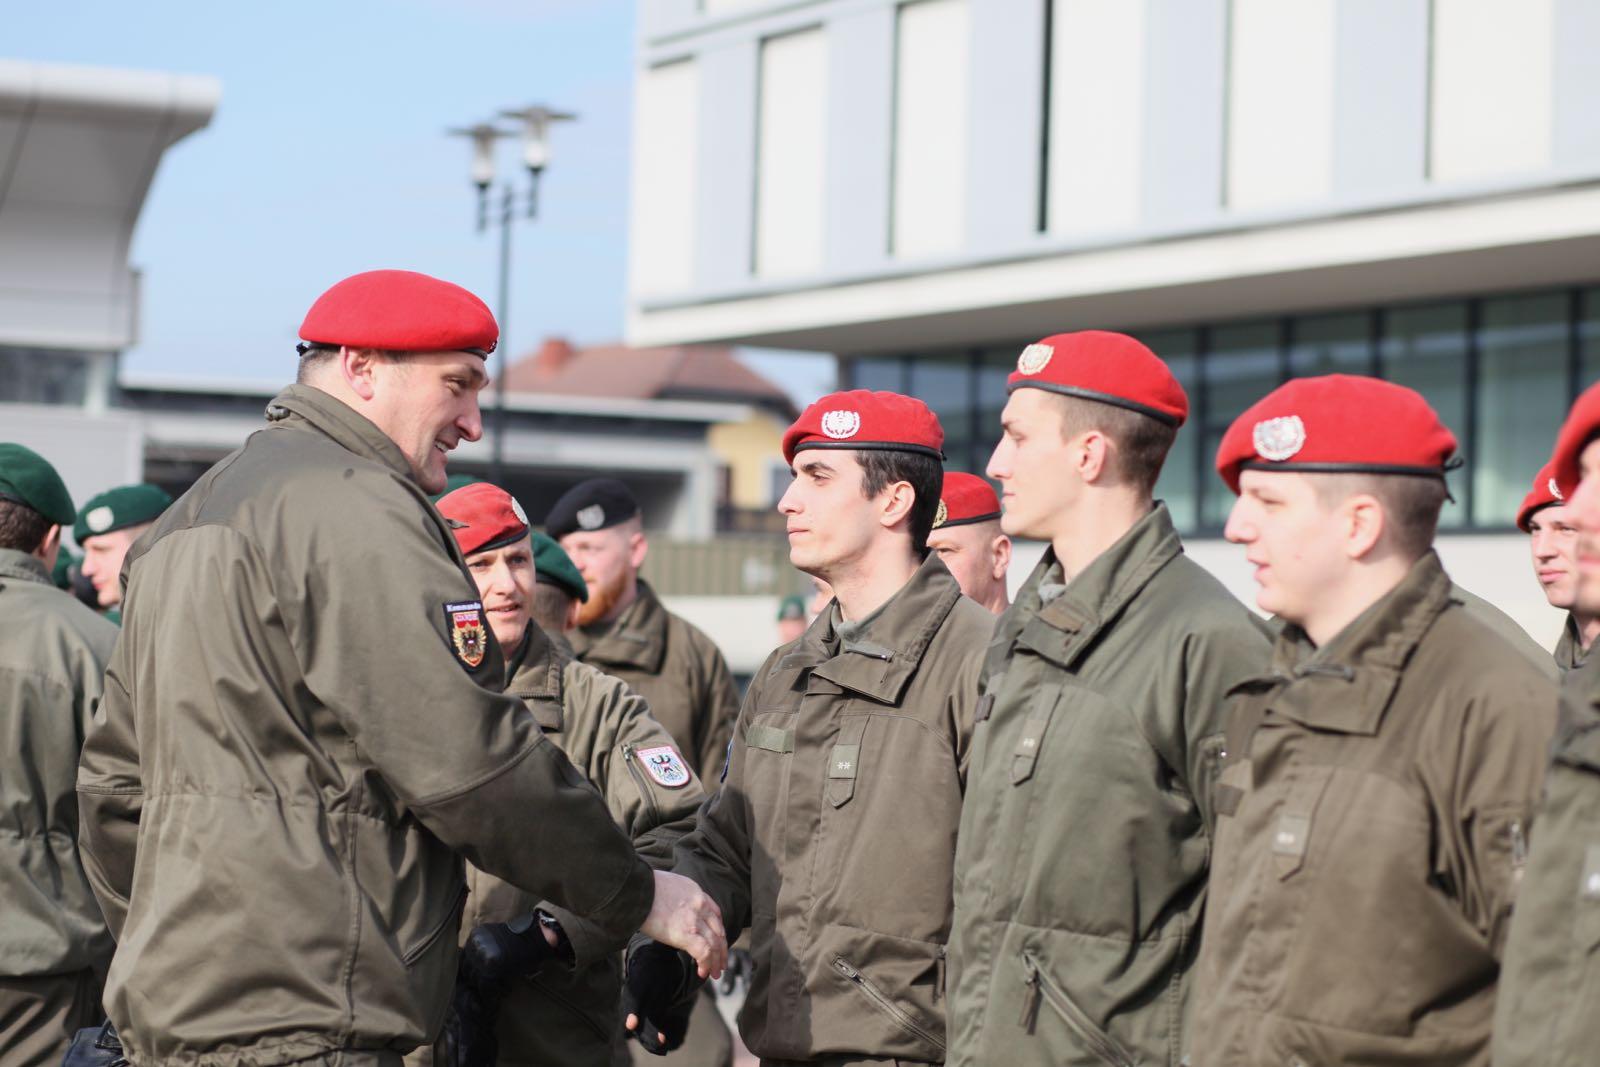 2019_02_08_5Gardekompanie_KPE_EUFOR30_Verabschiedung - 50 of 61